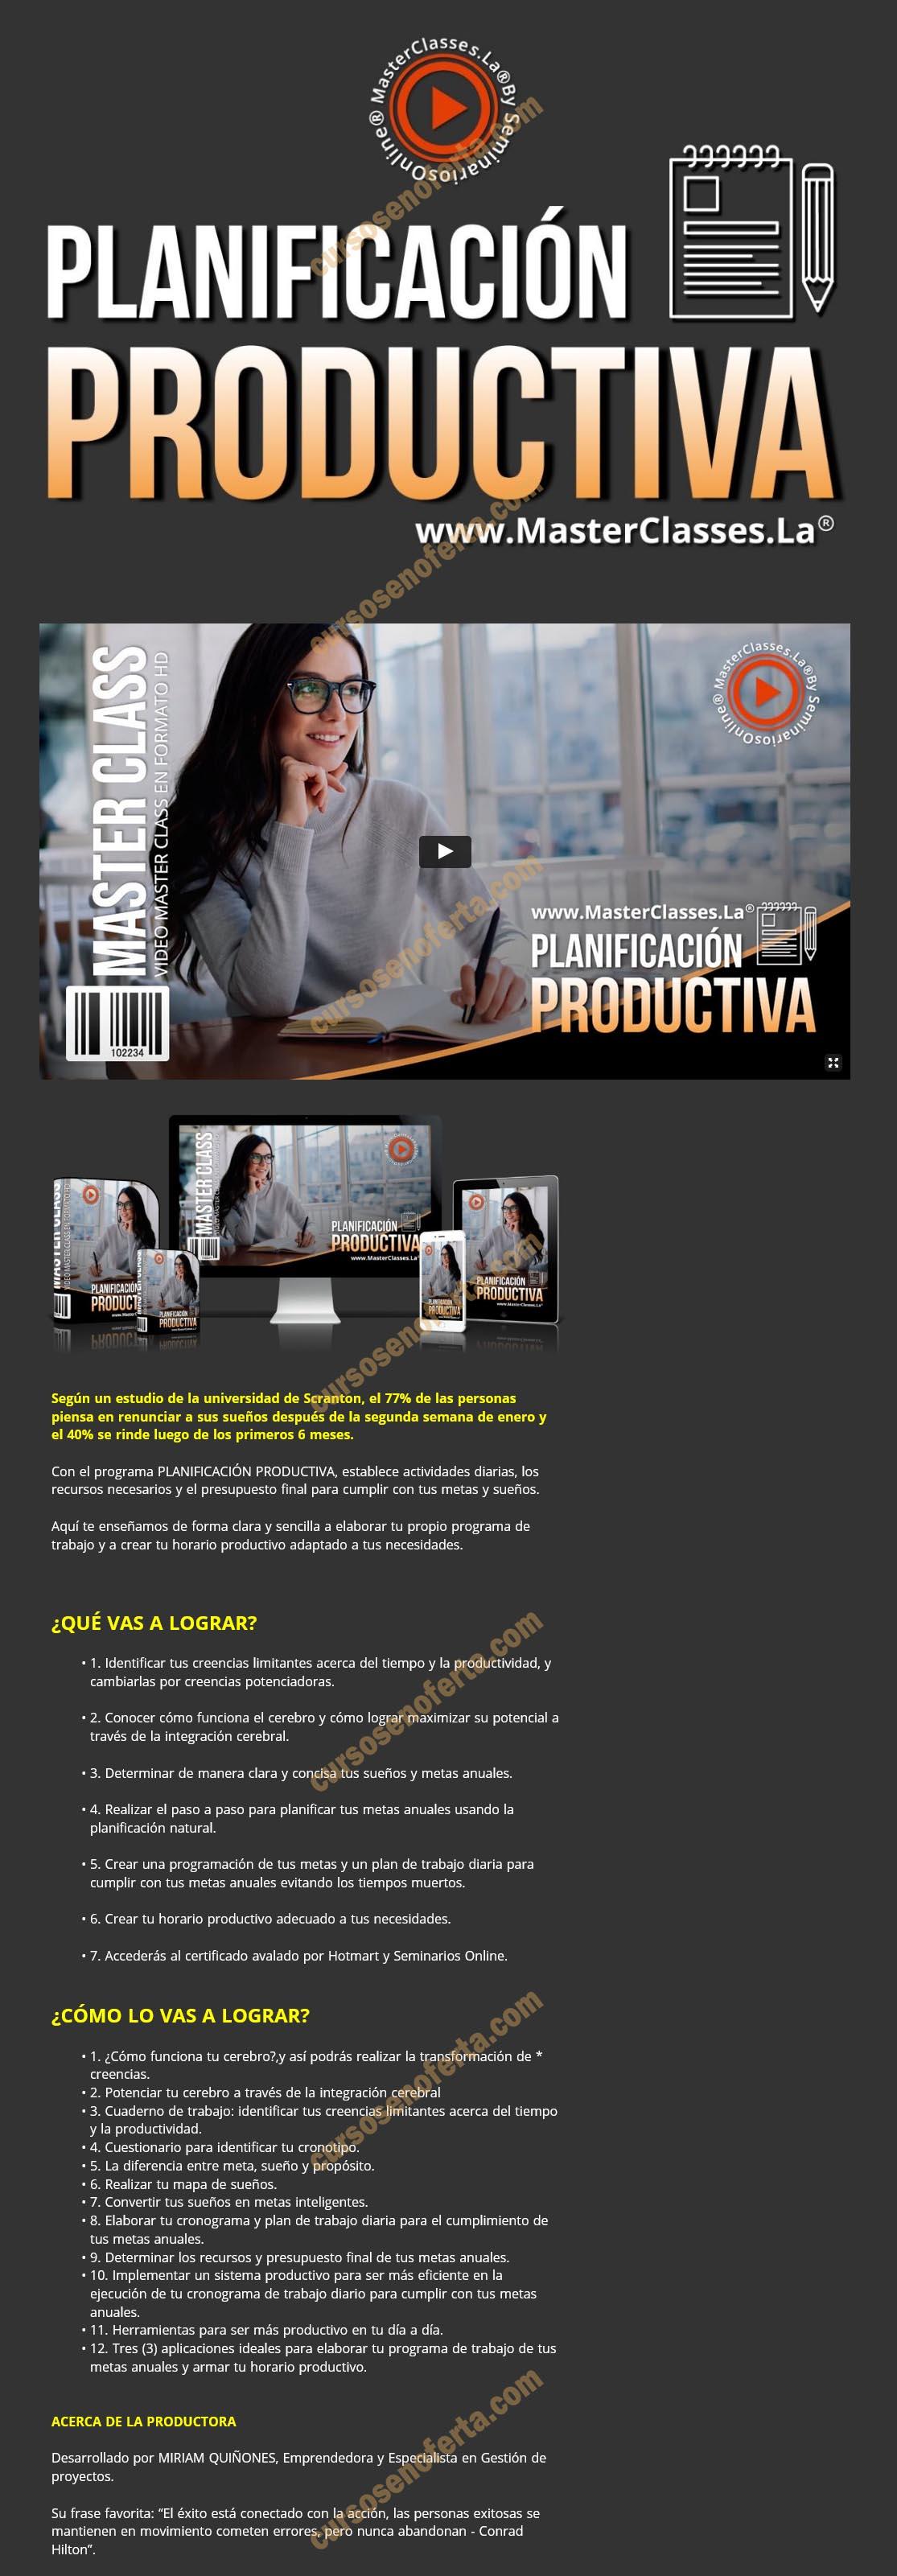 Planificación productiva - miriam quiñones